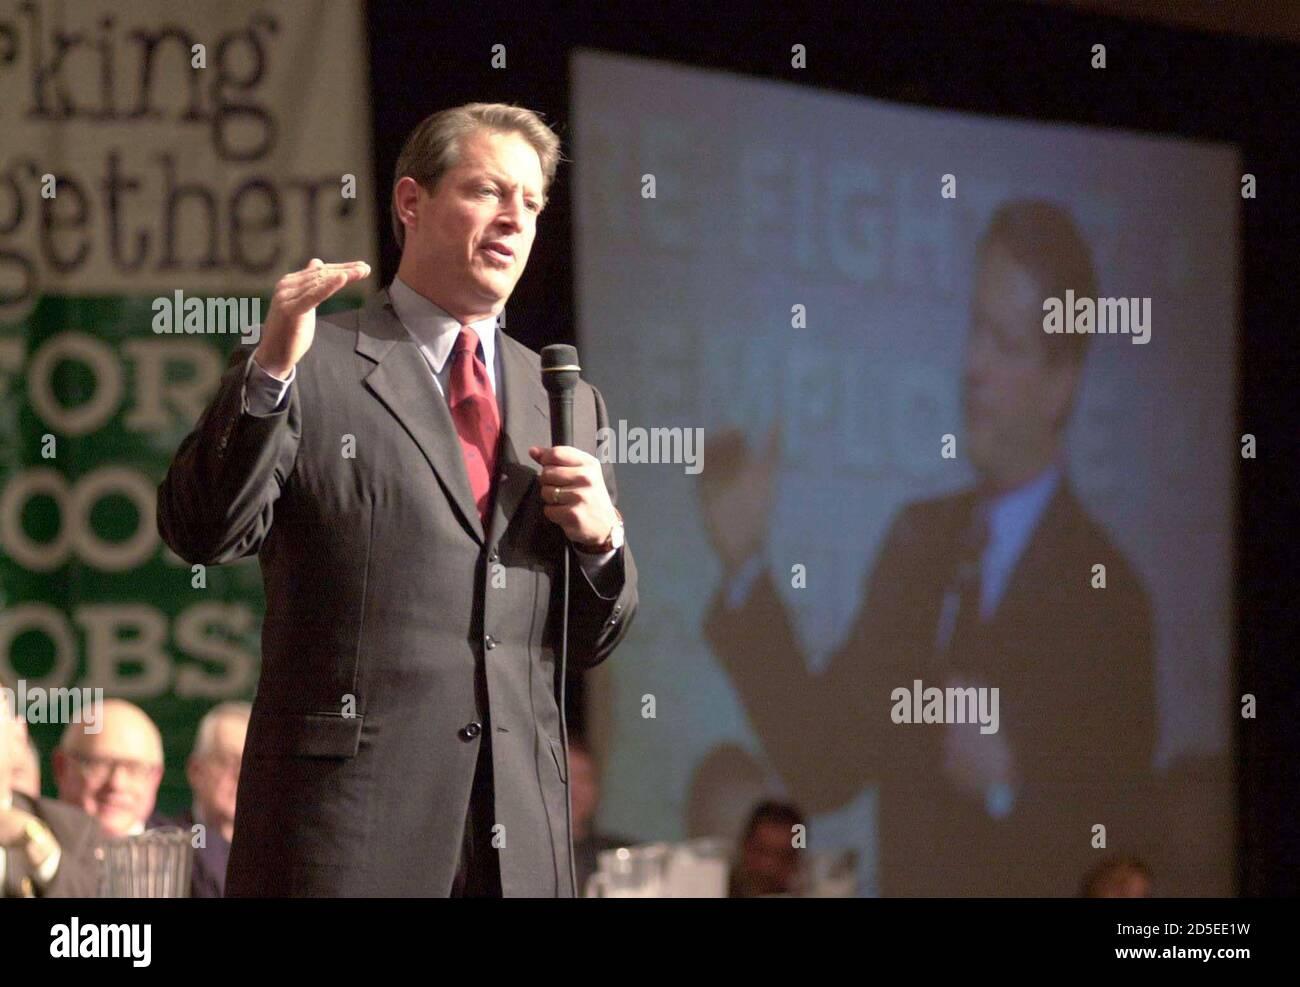 """Candidato presidencial democrático, el vicepresidente al Gore se dirige a la convención AFL-CIO de Pennsylvania en Filadelfia, marzo de 15. Un día después de bloquear la nominación demócrata, Gore advirtió a los partidarios del trabajo organizado que los republicanos estaban """"organizando las barricadas"""" en la carrera por la Casa Blanca. TMS/SV Foto de stock"""